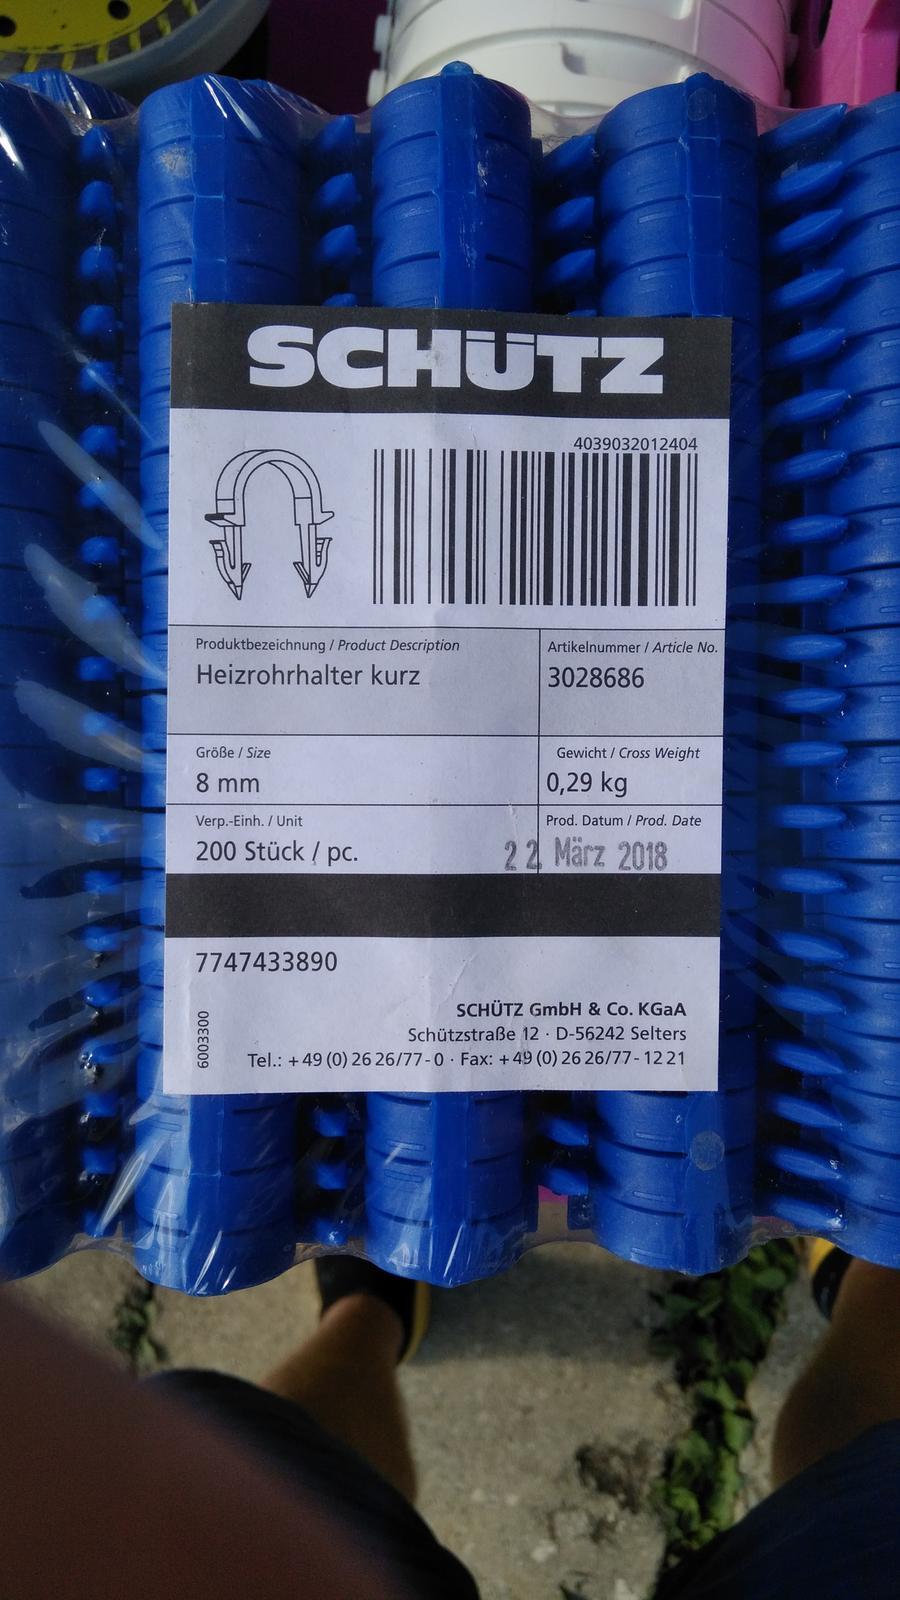 Tacker spony schutz 8mm - Obrázok č. 1